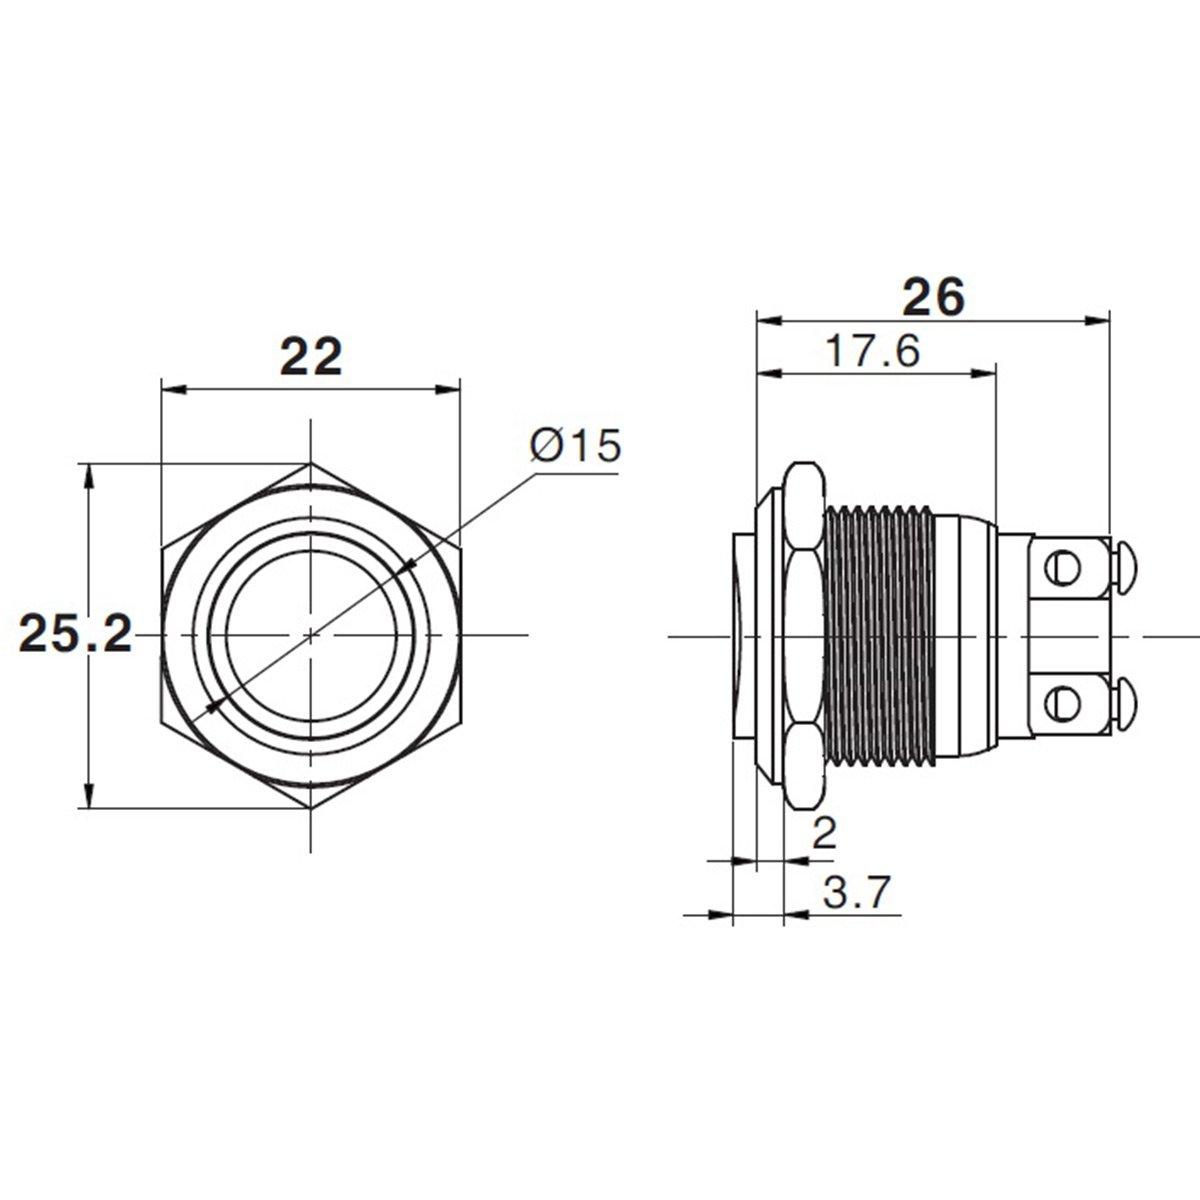 Drucktaster Klingeltaster IP67 LED-Taster Einbau 19mm Edelstahl V2A mit LED Ringbeleuchtung flach wasserdicht Schraubkontakte IP67 AC//DC mit LED Rot